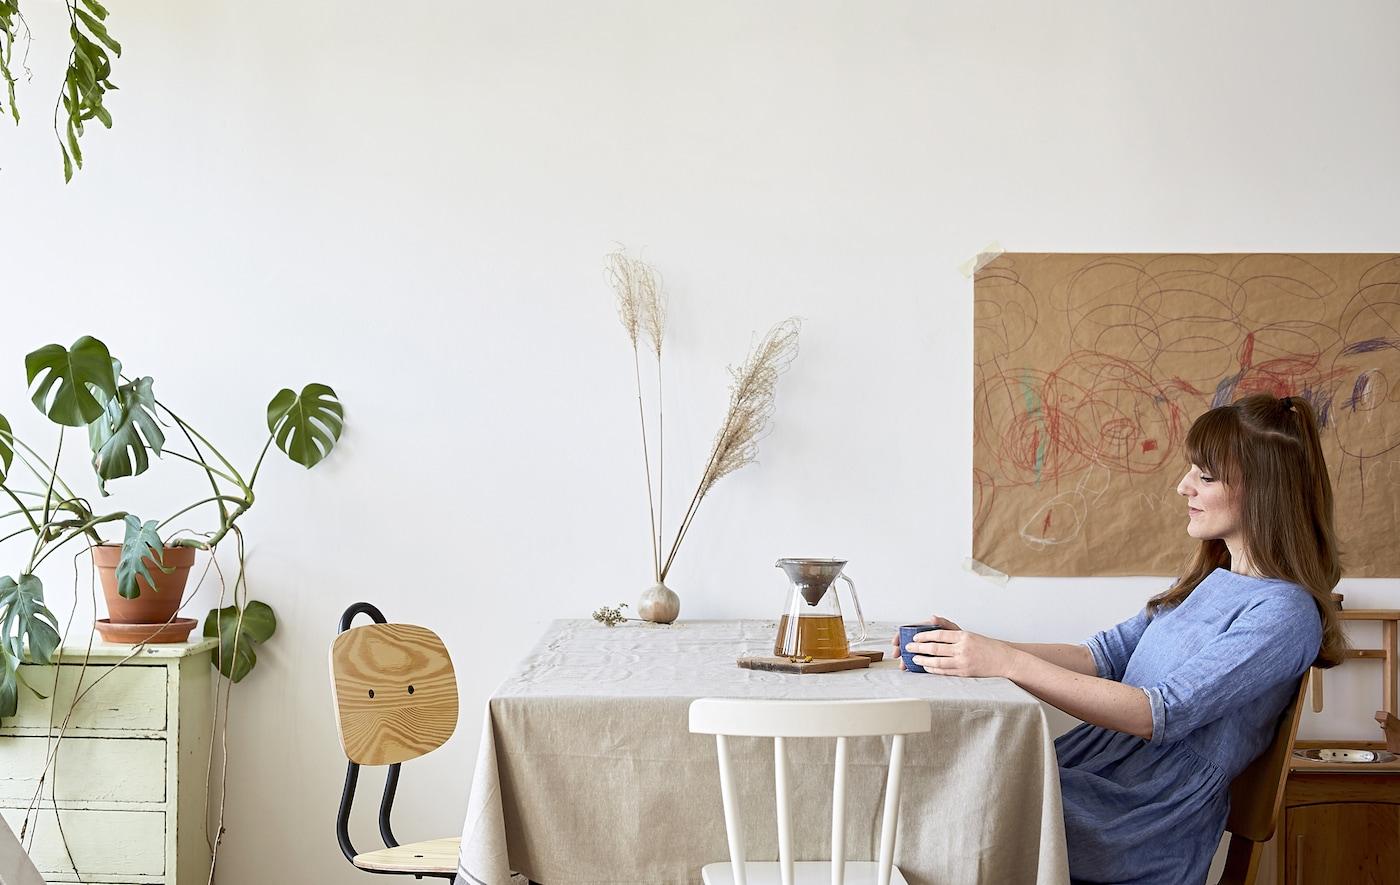 A Eva sentada à mesa da cozinha a beber chá de um bule de vidro.